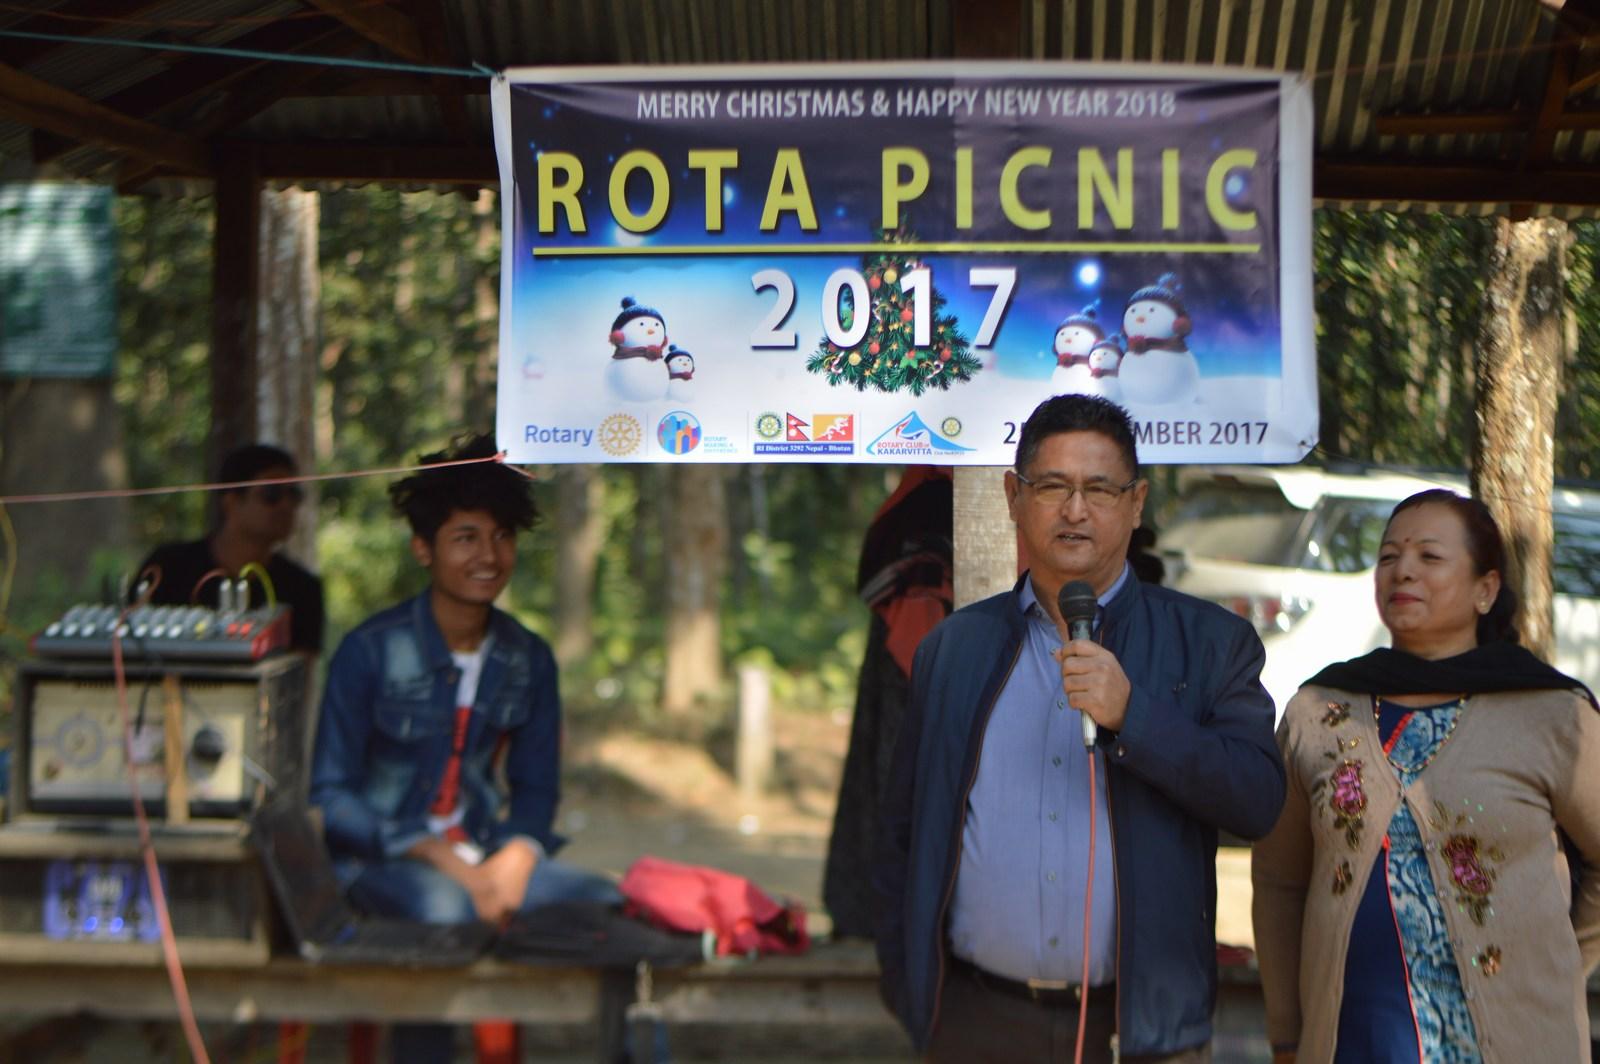 Rota-Picnic-2017-Rotary-Club-of-Kakarvitta-66